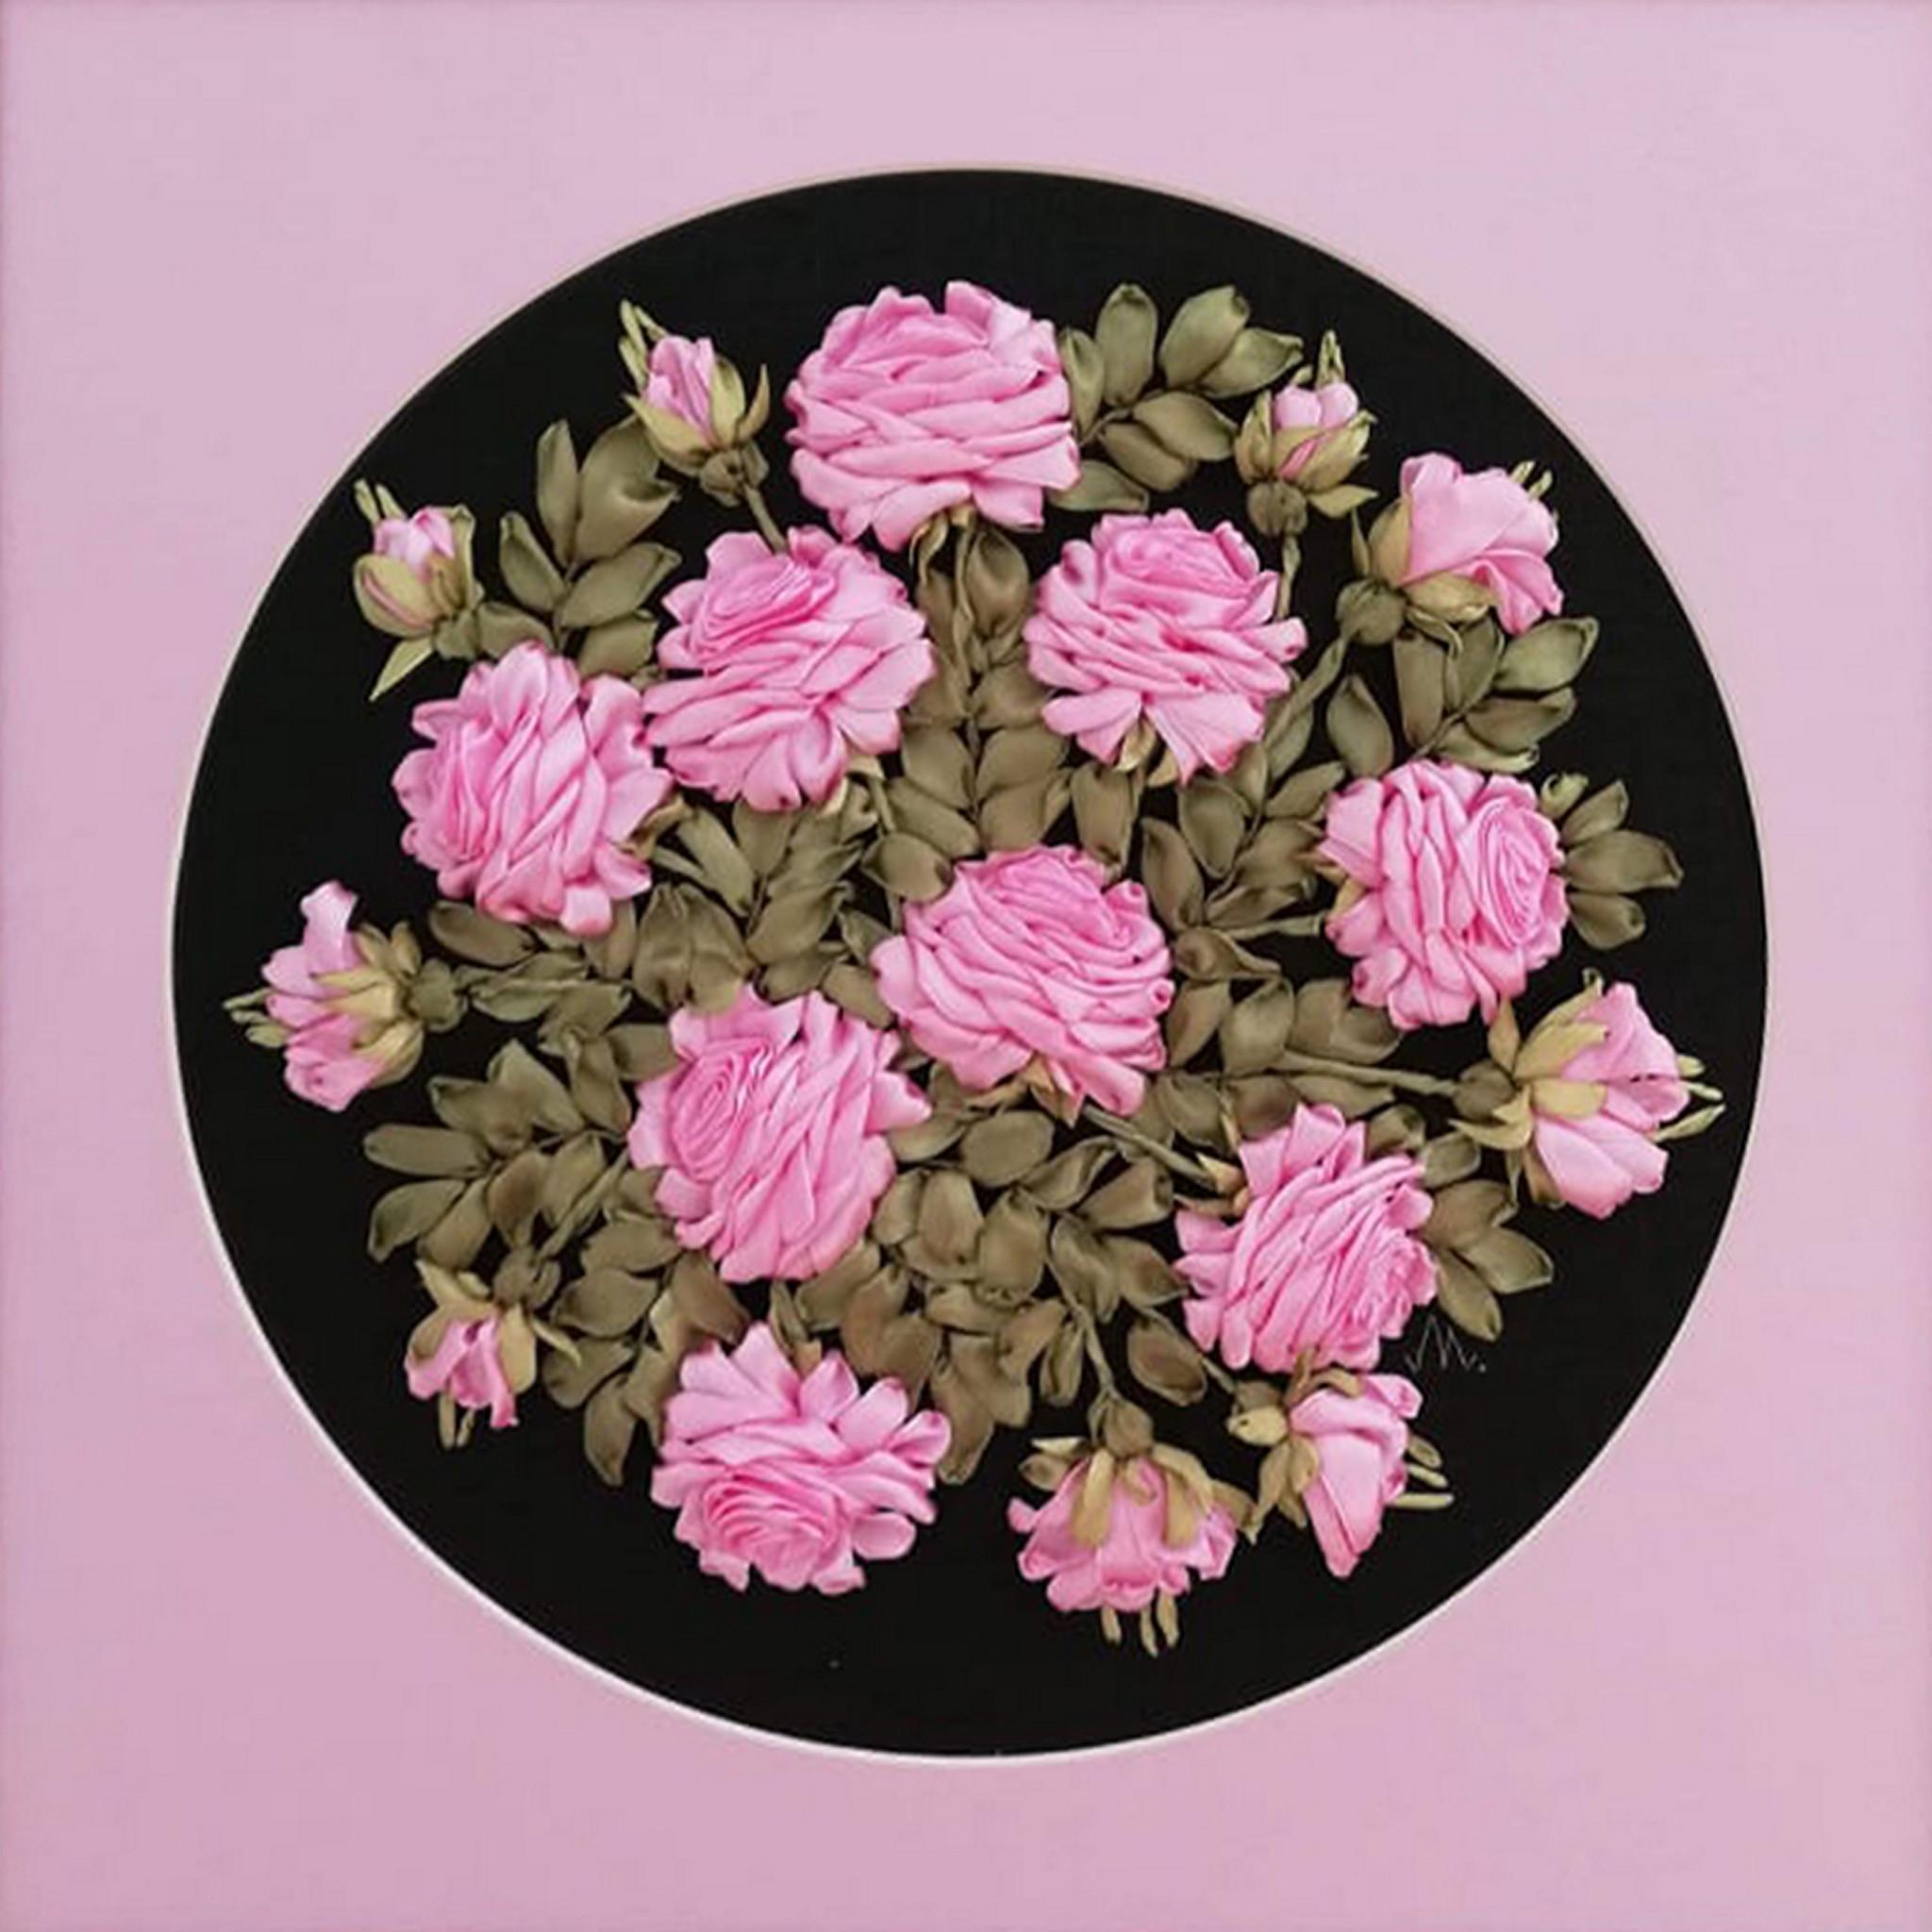 Obrazek przedstawia kompozycję kwiatową.